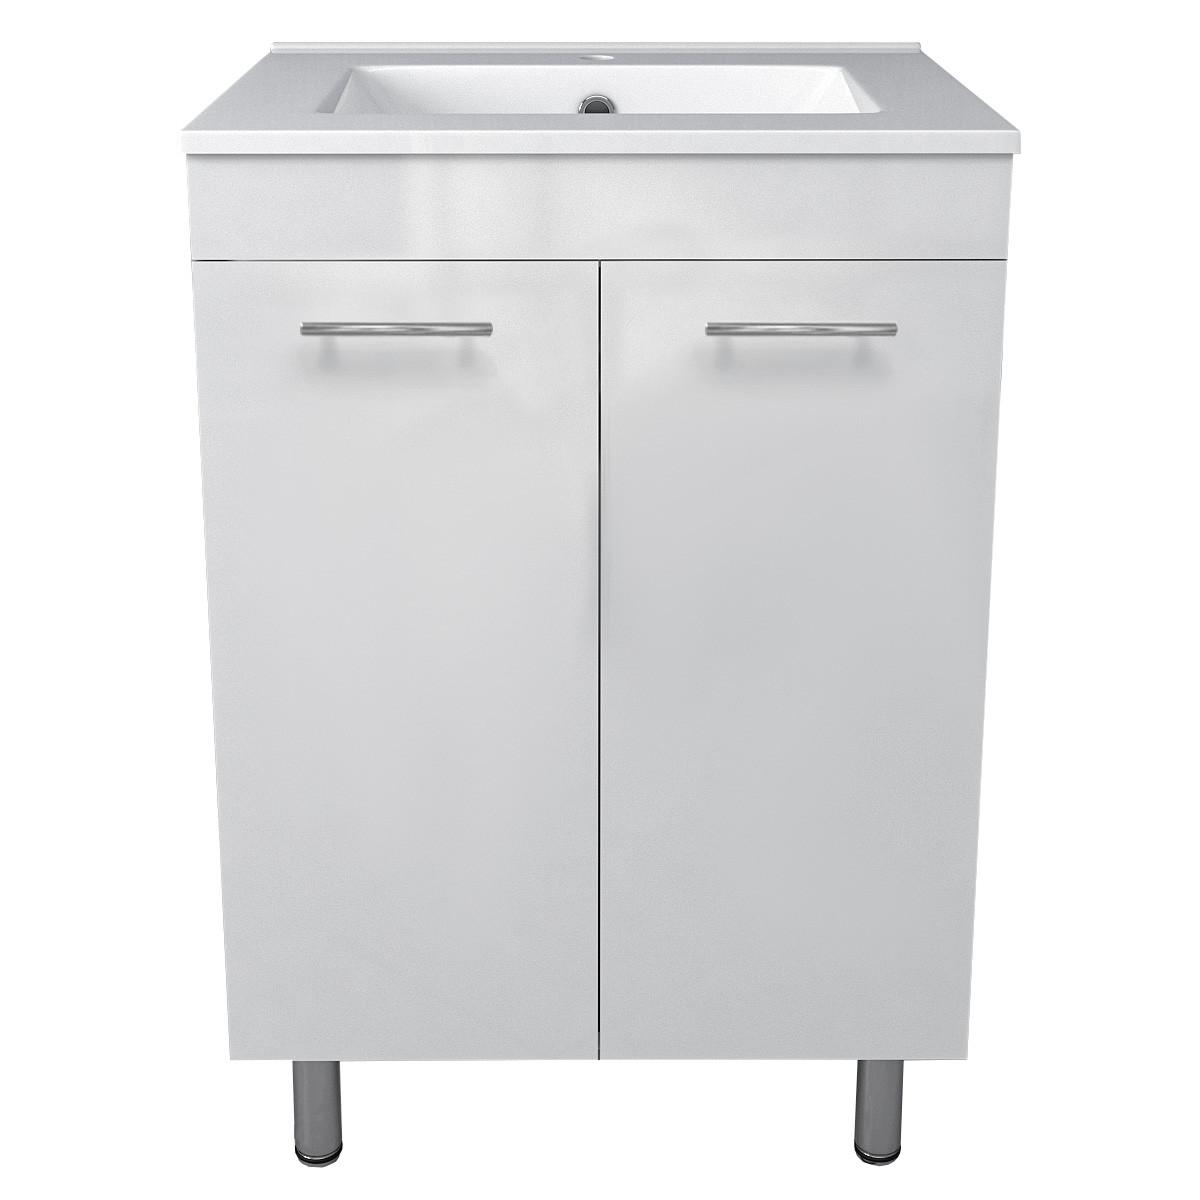 MARO комплект мебели 60см белый: тумба напольная, 2 дверцы + умывальник накладной